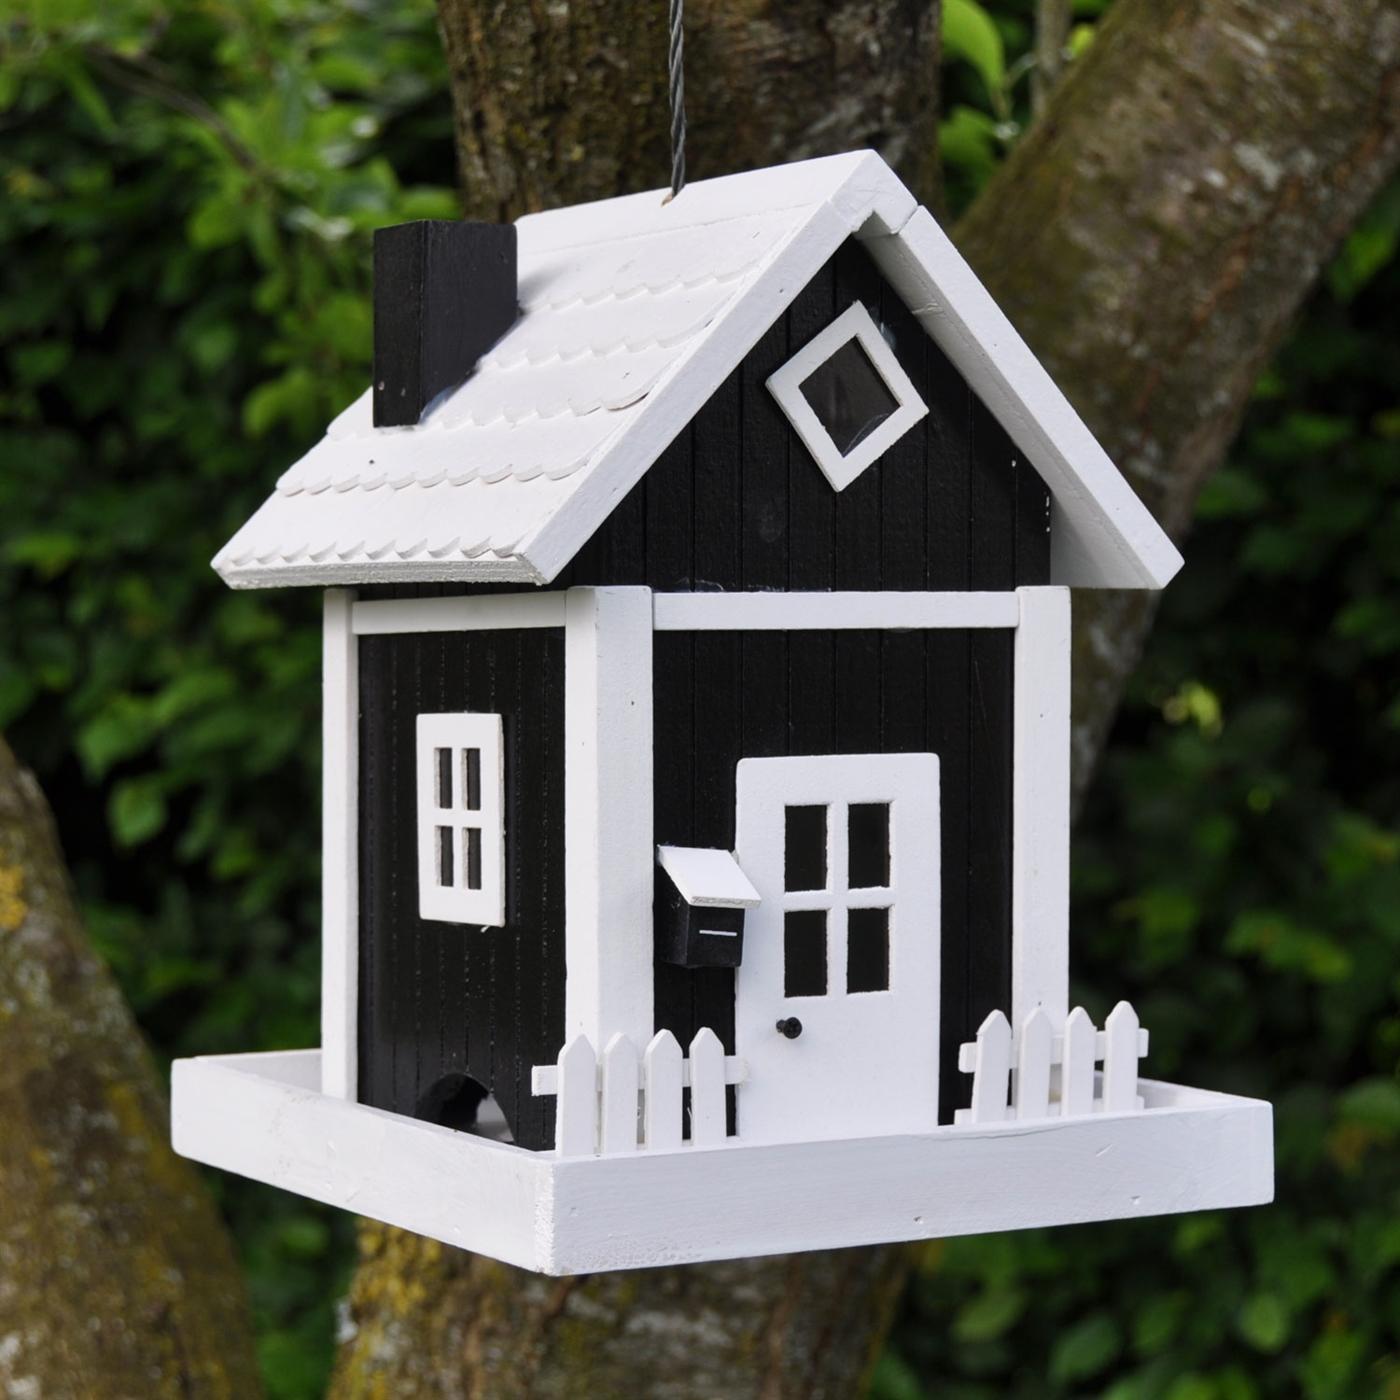 vogelfutterstation statt vogelhaus nistkasten vogel. Black Bedroom Furniture Sets. Home Design Ideas